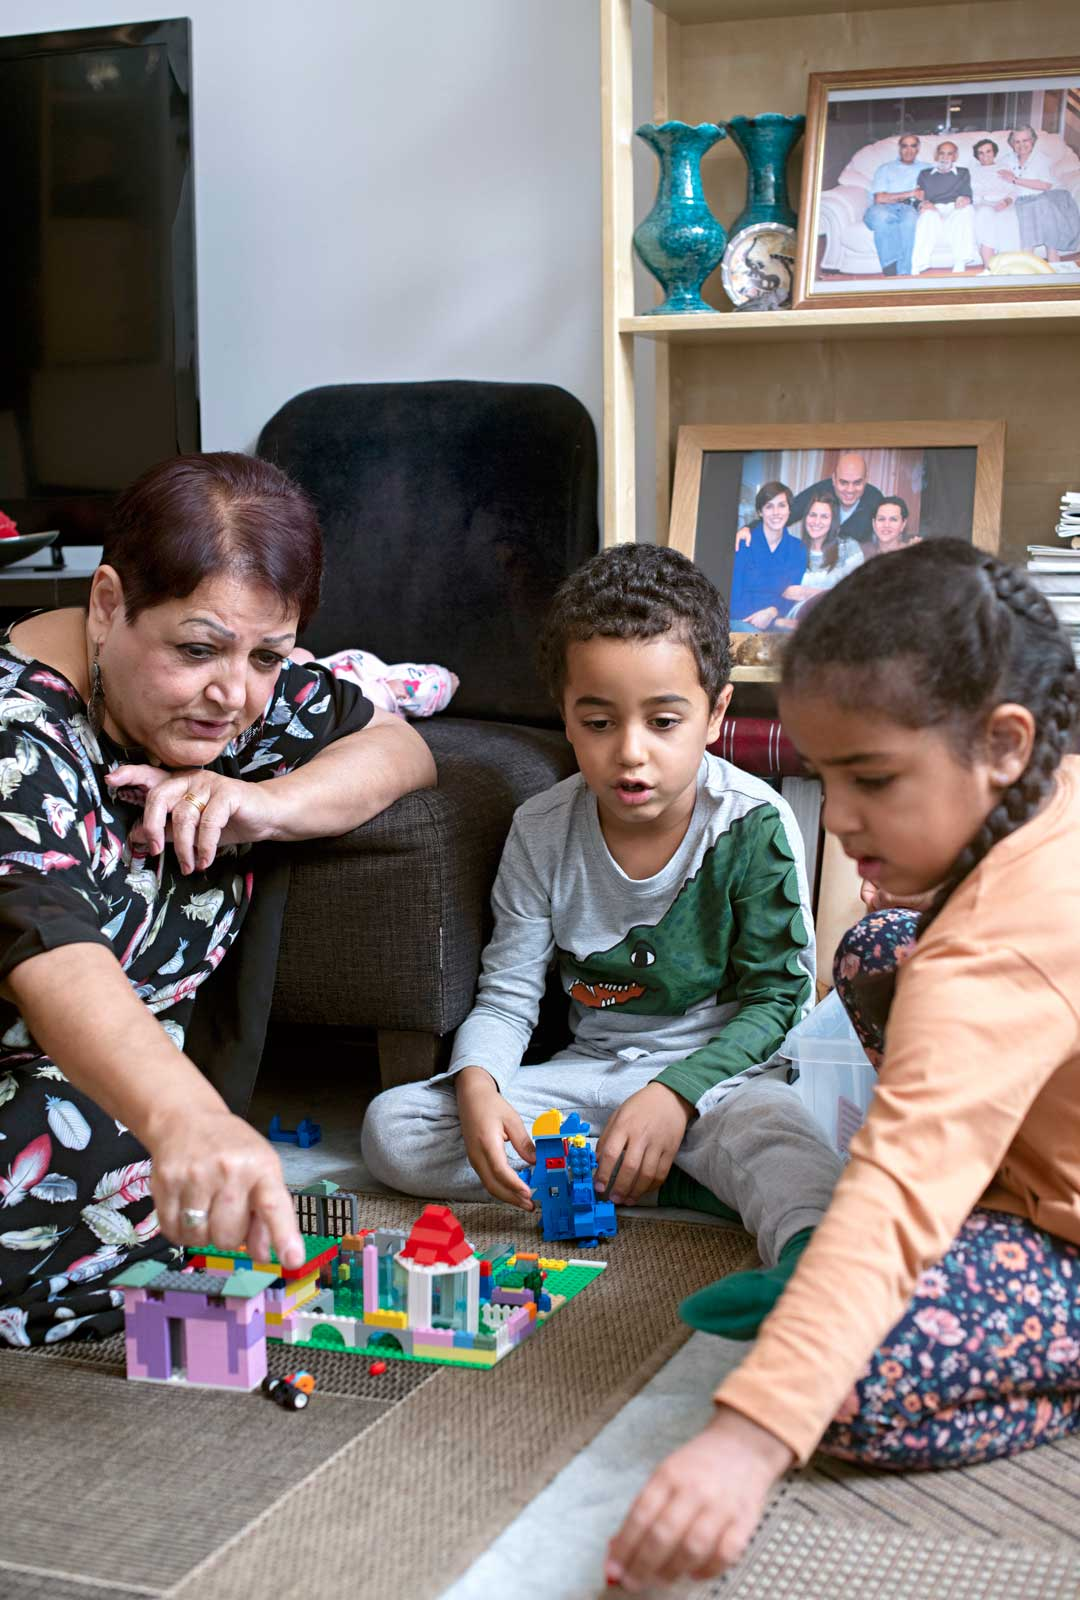 Kun Adina ja Nebiu tulevat mummin luo yökylään, leikitään legoilla ja katsotaan serkkujen kuvia.